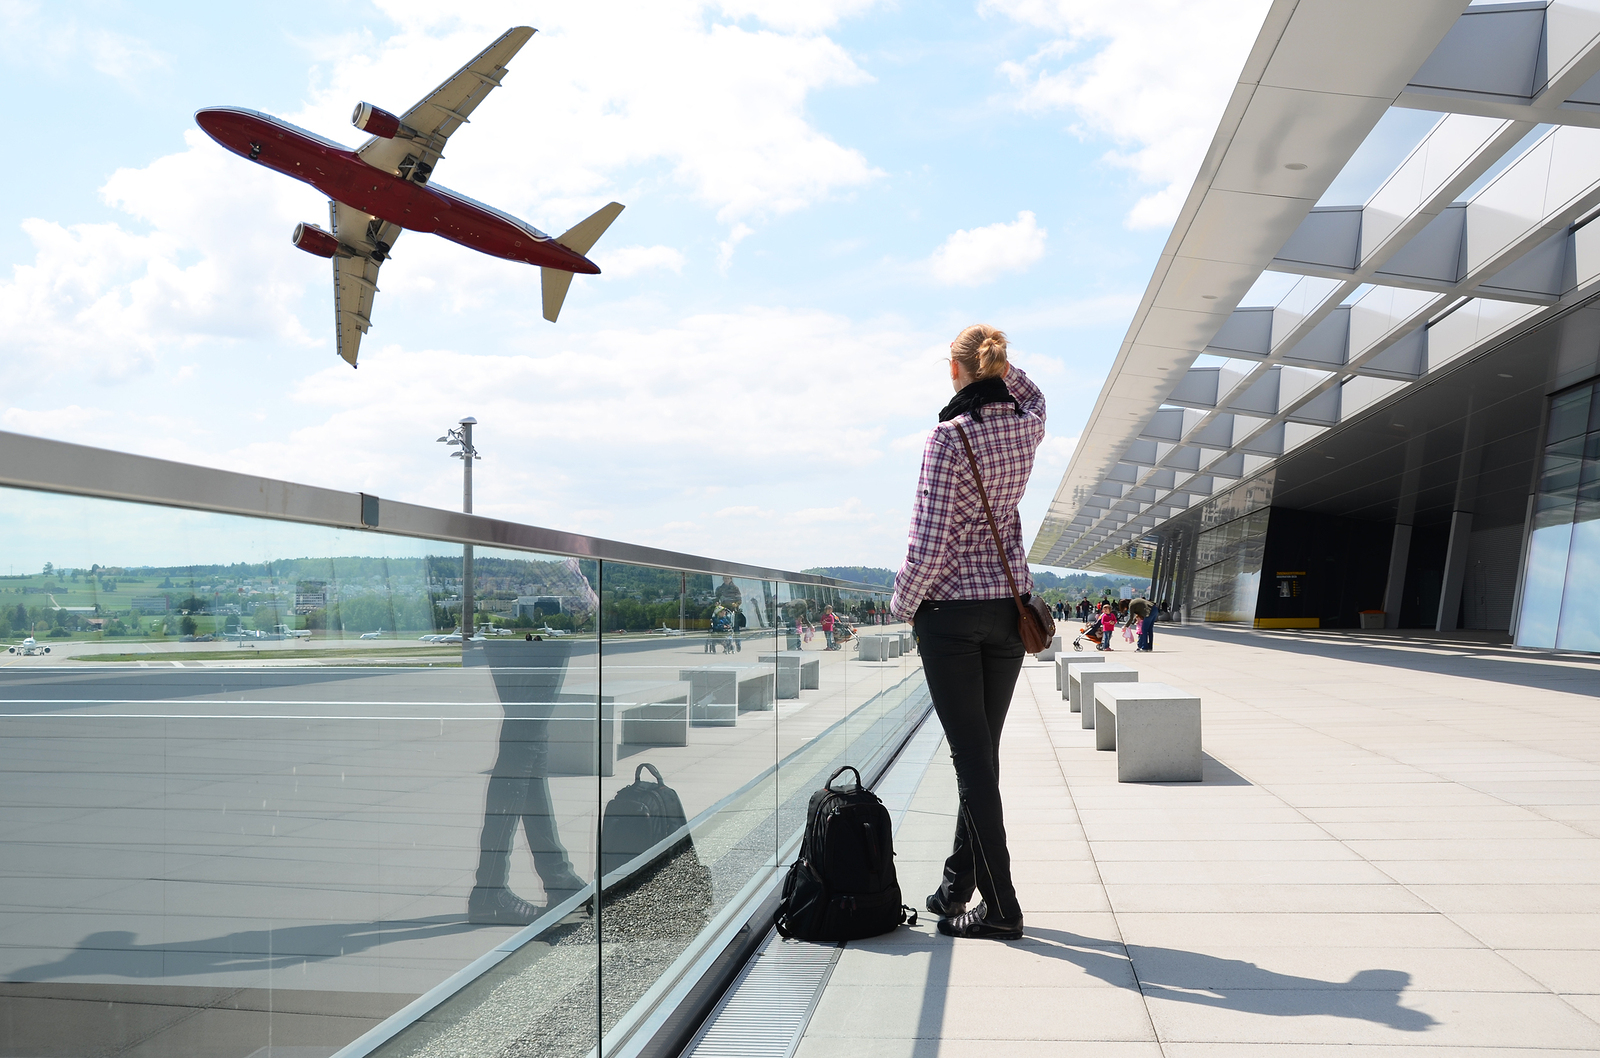 Картинки по запросу aeroport